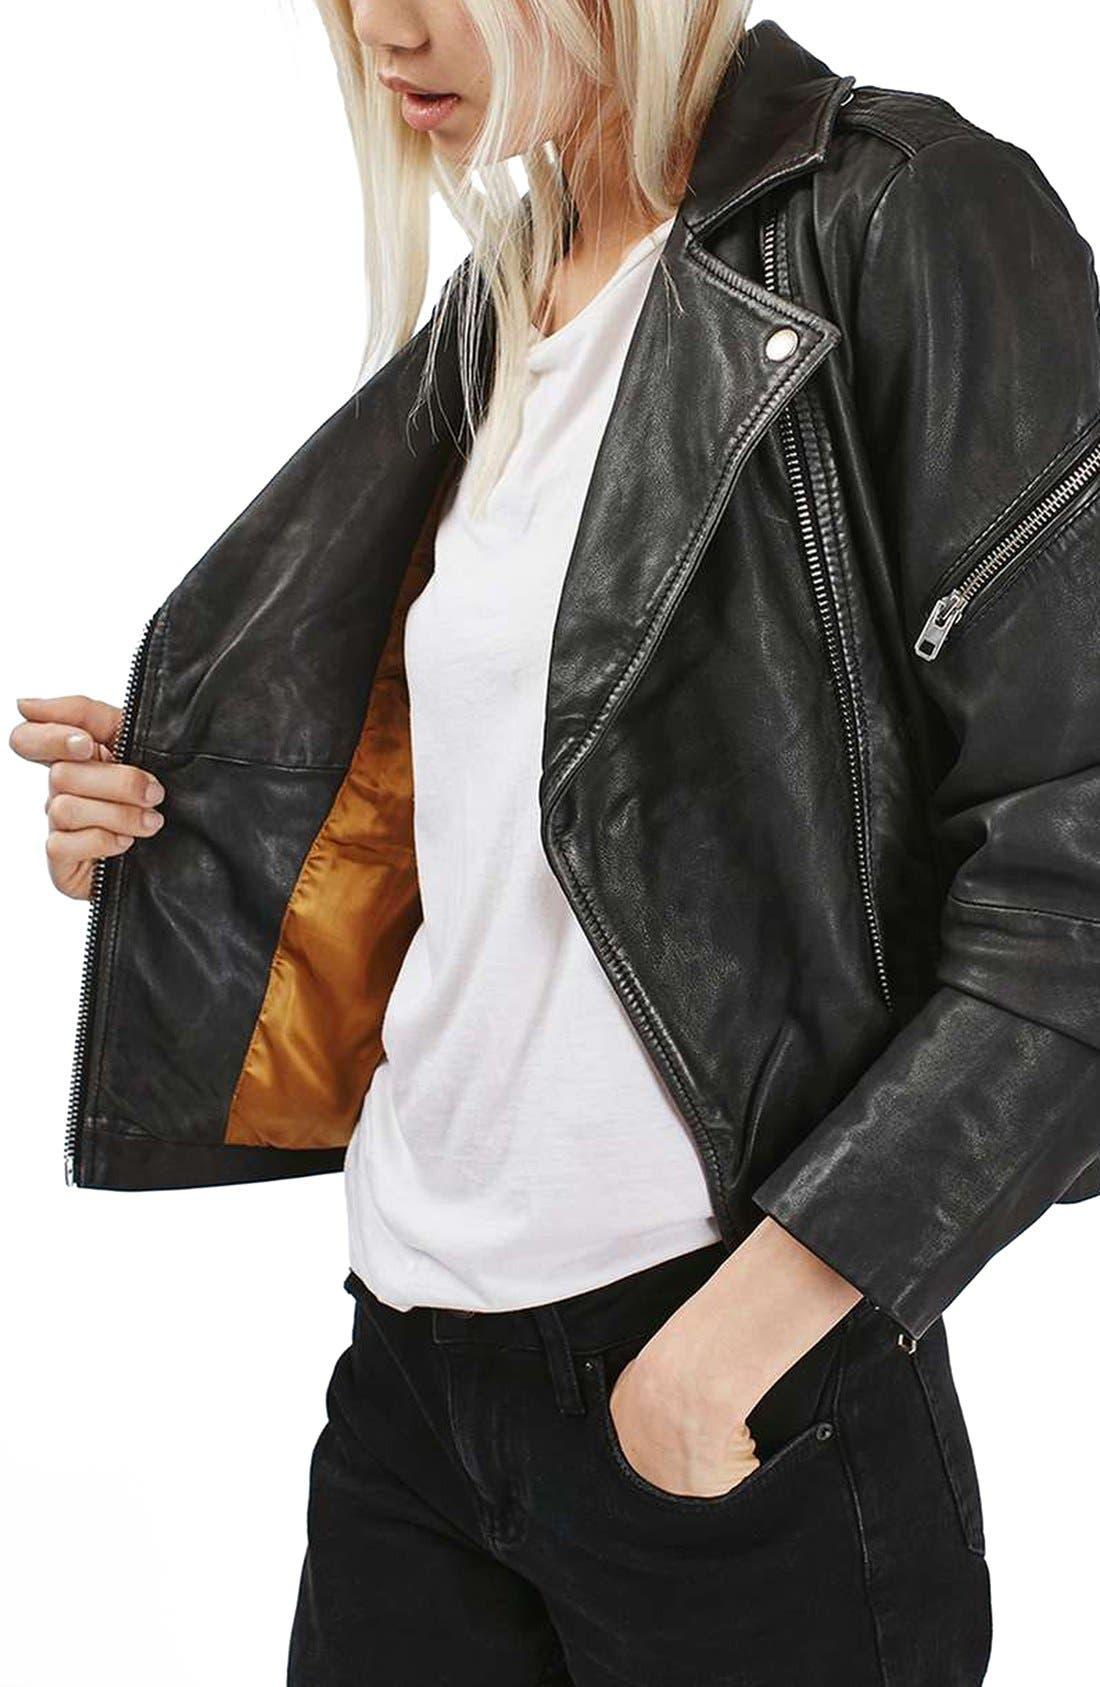 Alternate Image 1 Selected - Topshop Lightning Leather Biker Jacket